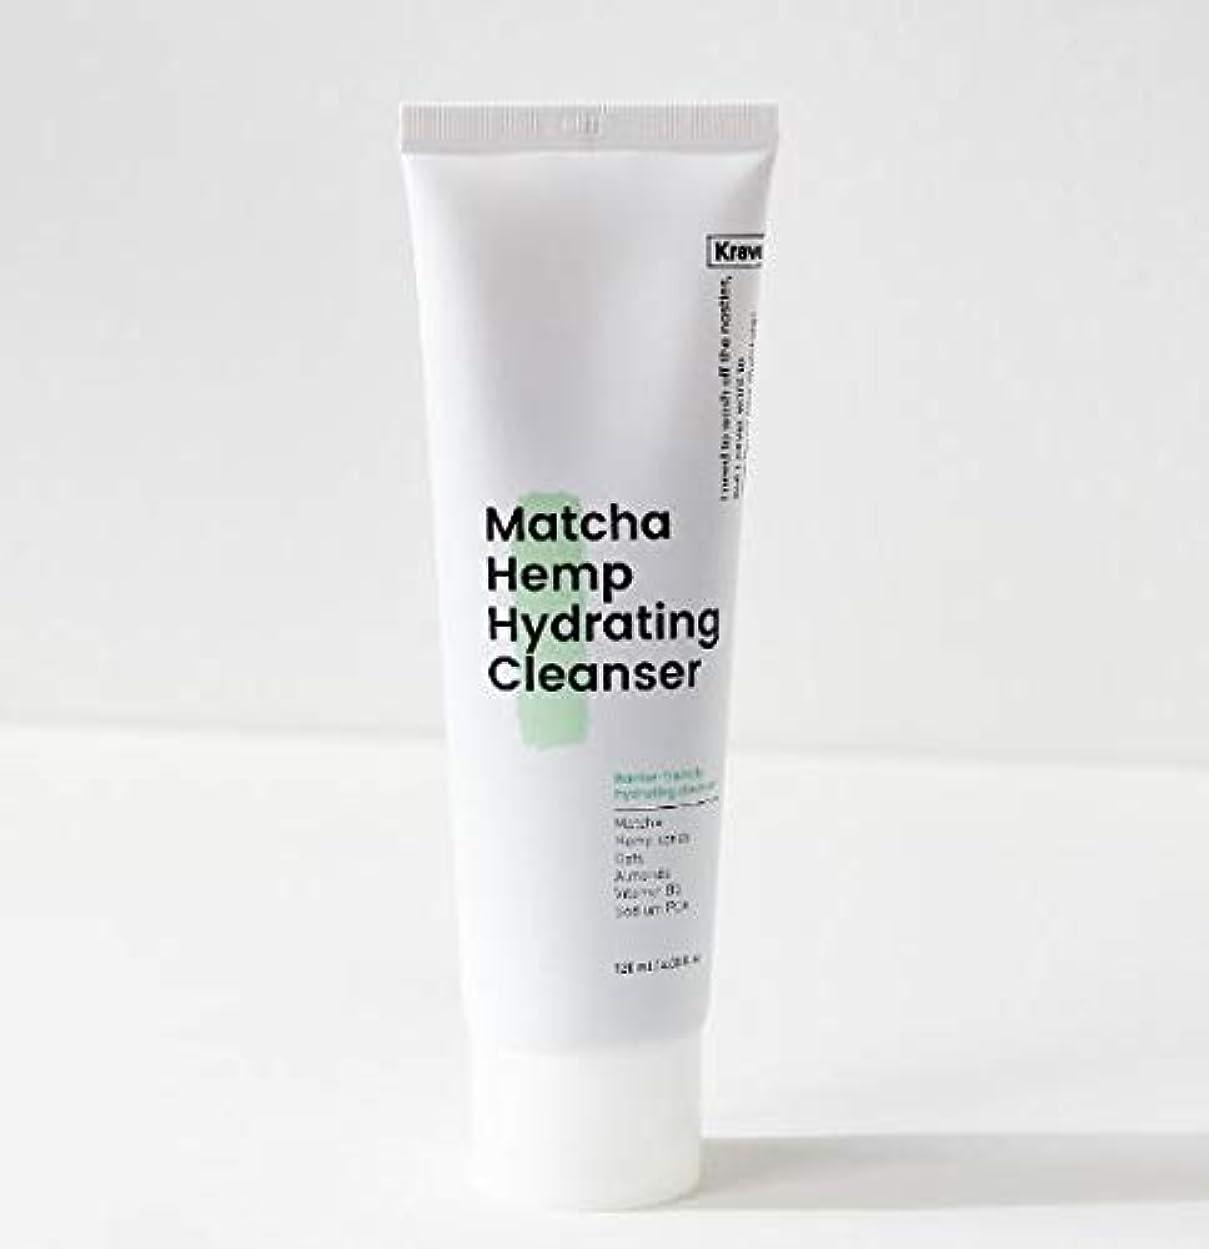 どうしたの深く不明瞭[Krave] Matcha Hemp Hydrating Cleanser 120ml / 抹茶ハイドレイティングクレンザー120ml [並行輸入品]